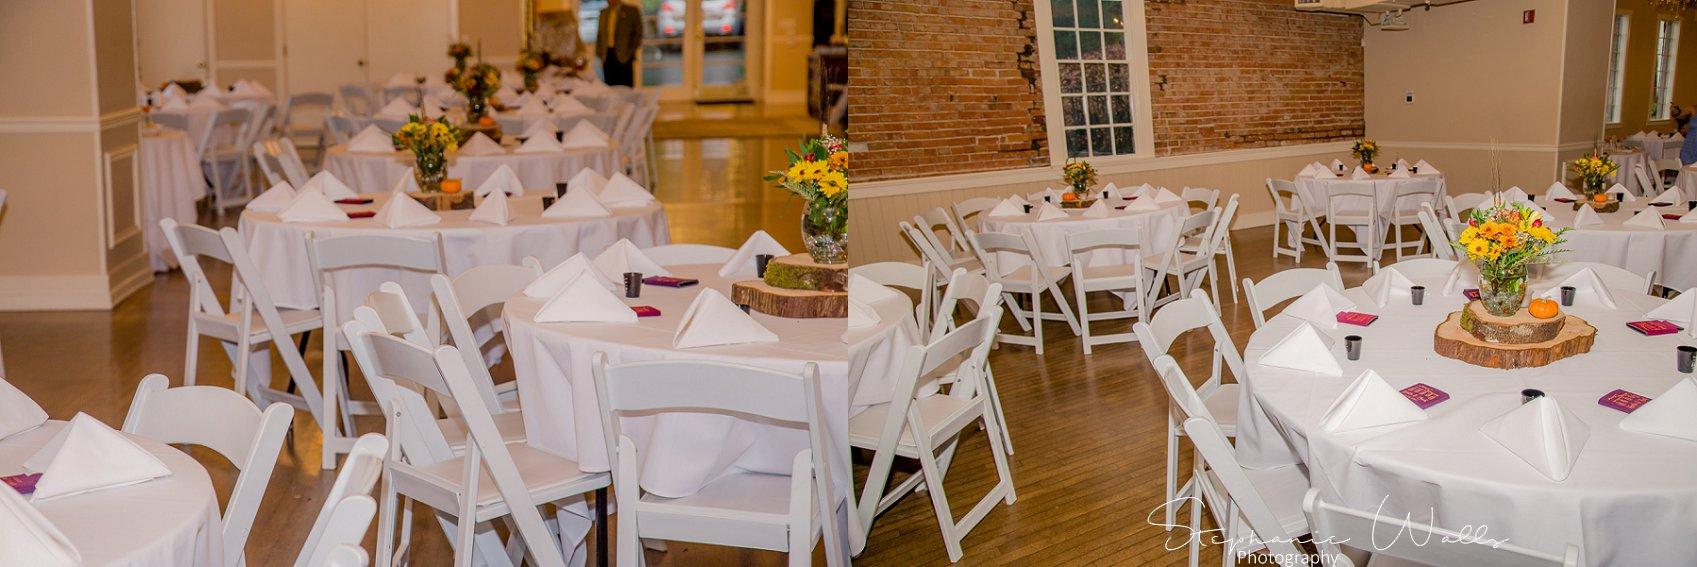 Olson Details 105 KK & Zack | Hollywood Schoolhouse Wedding | Woodinville, Wa Wedding Photographer